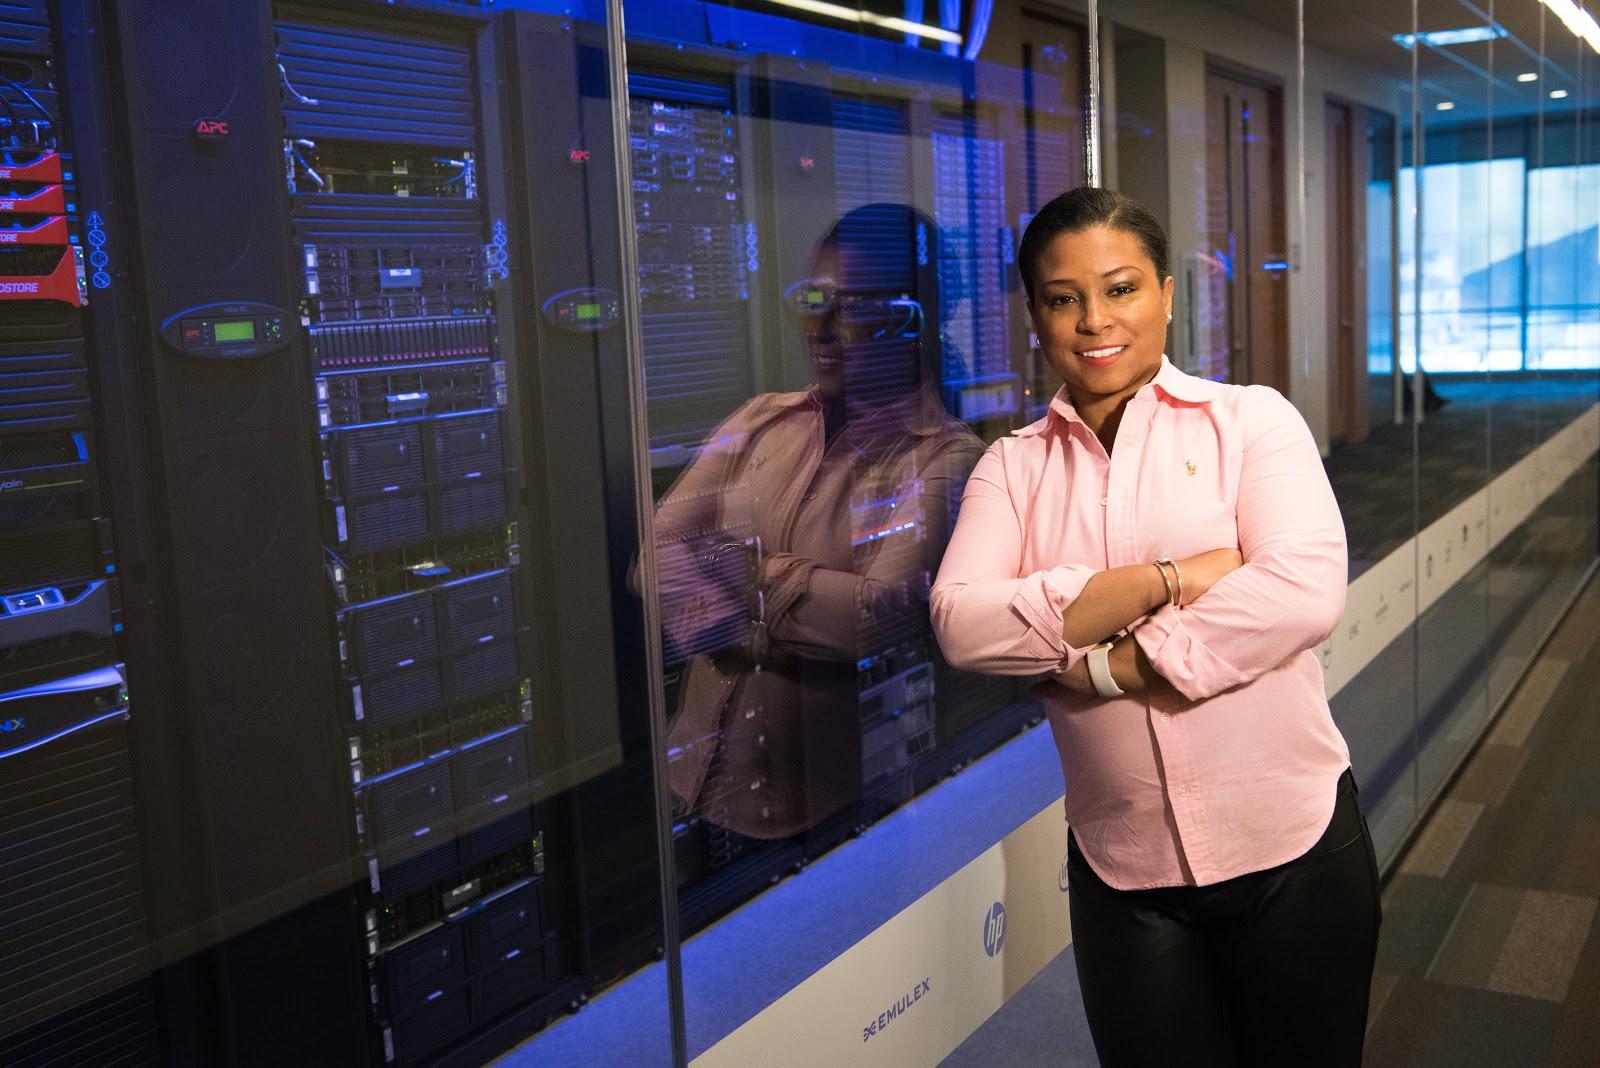 A woman leans against a server rack